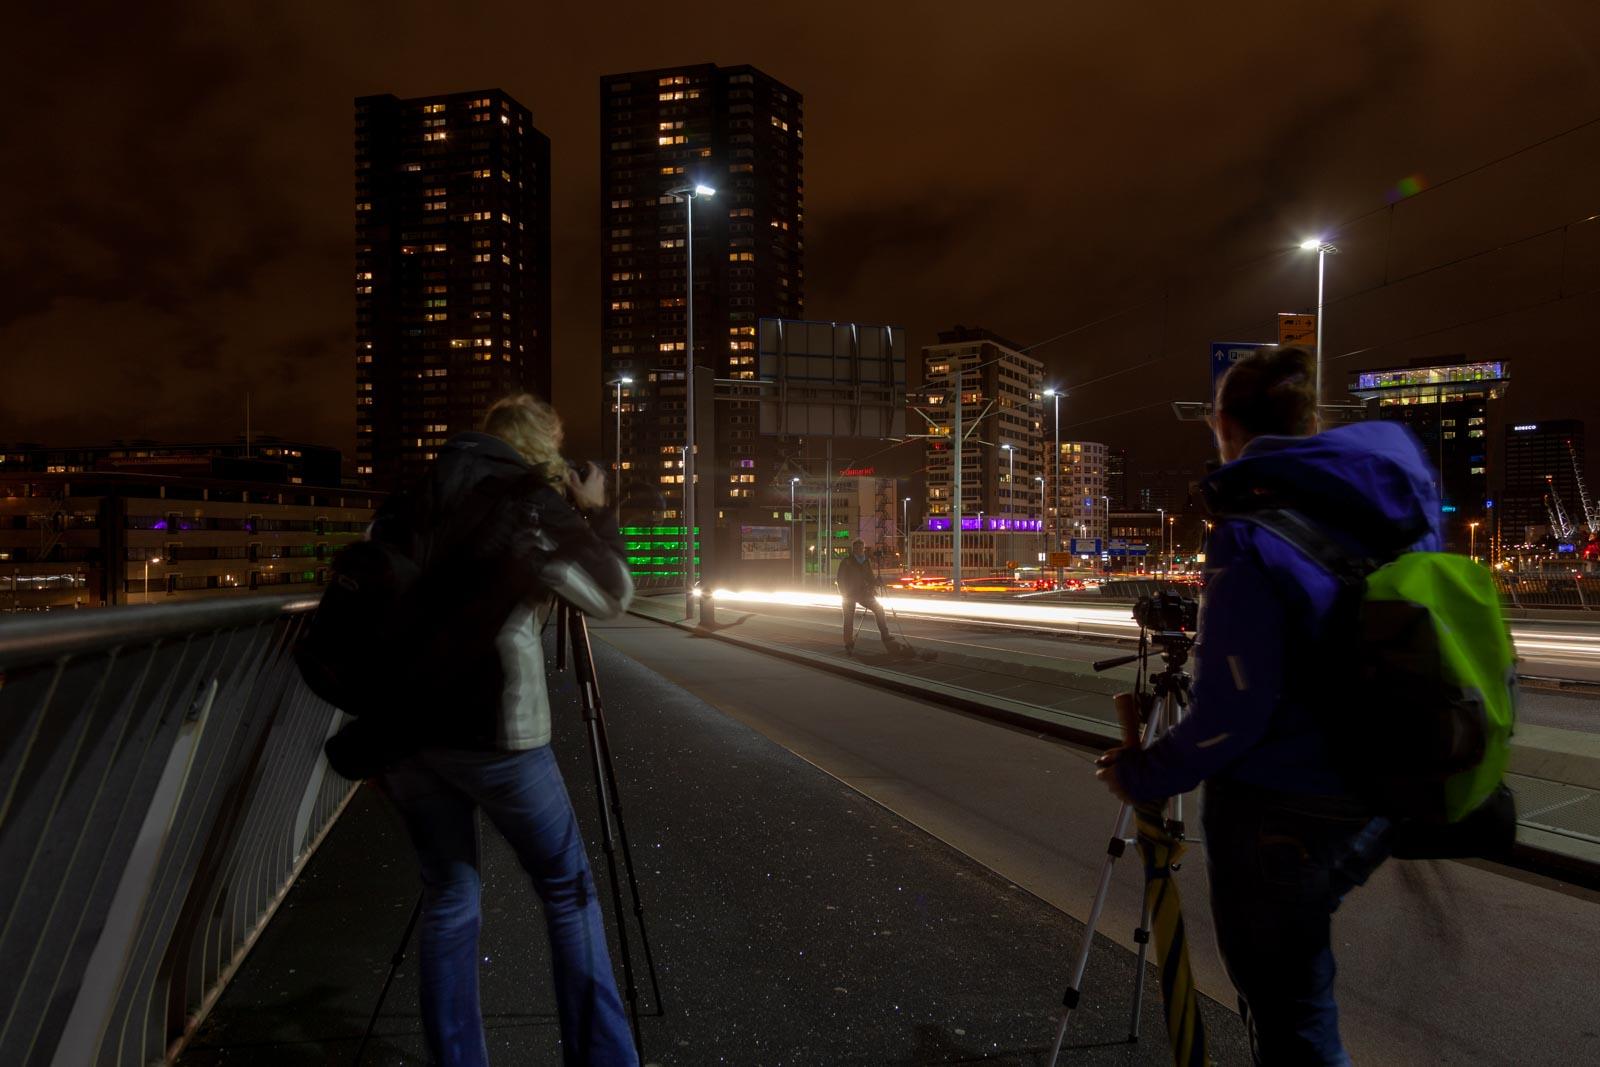 Cursisten aan het fotograferen op de Erasmusbrug in Rotterdam